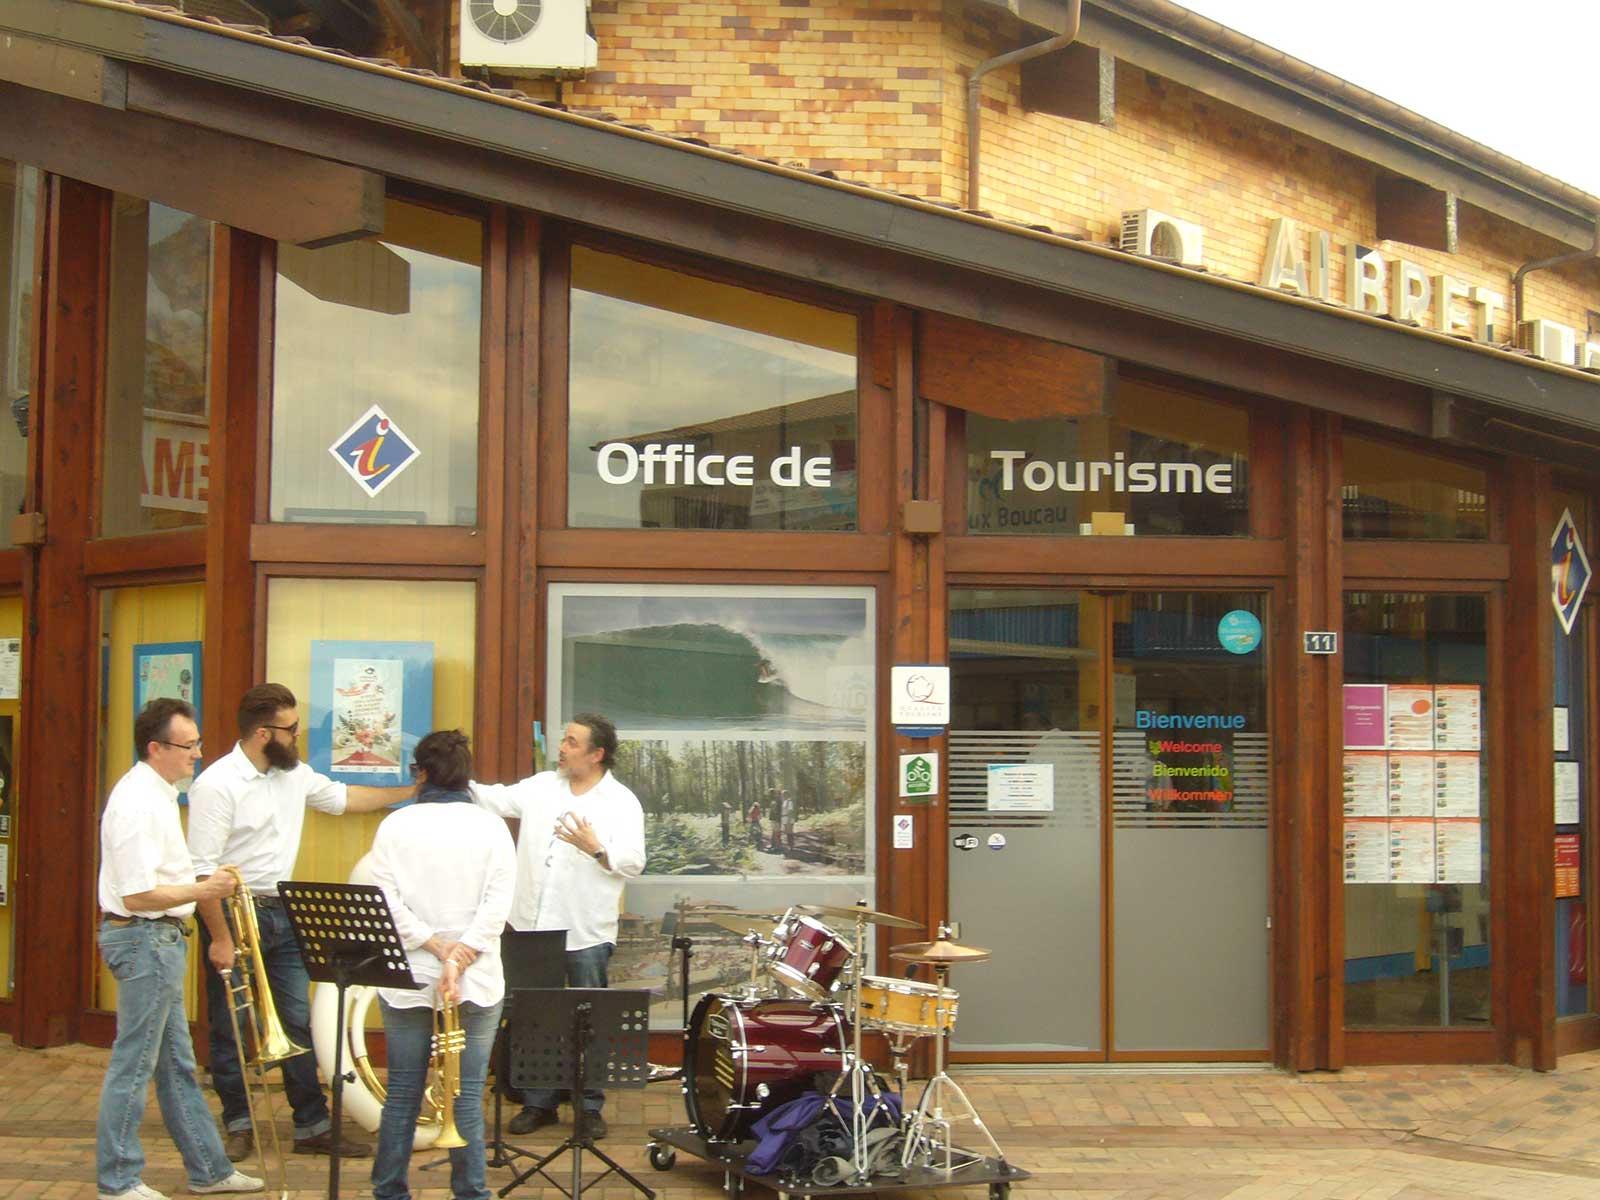 Oficina de Turismo de Vieux Boucau